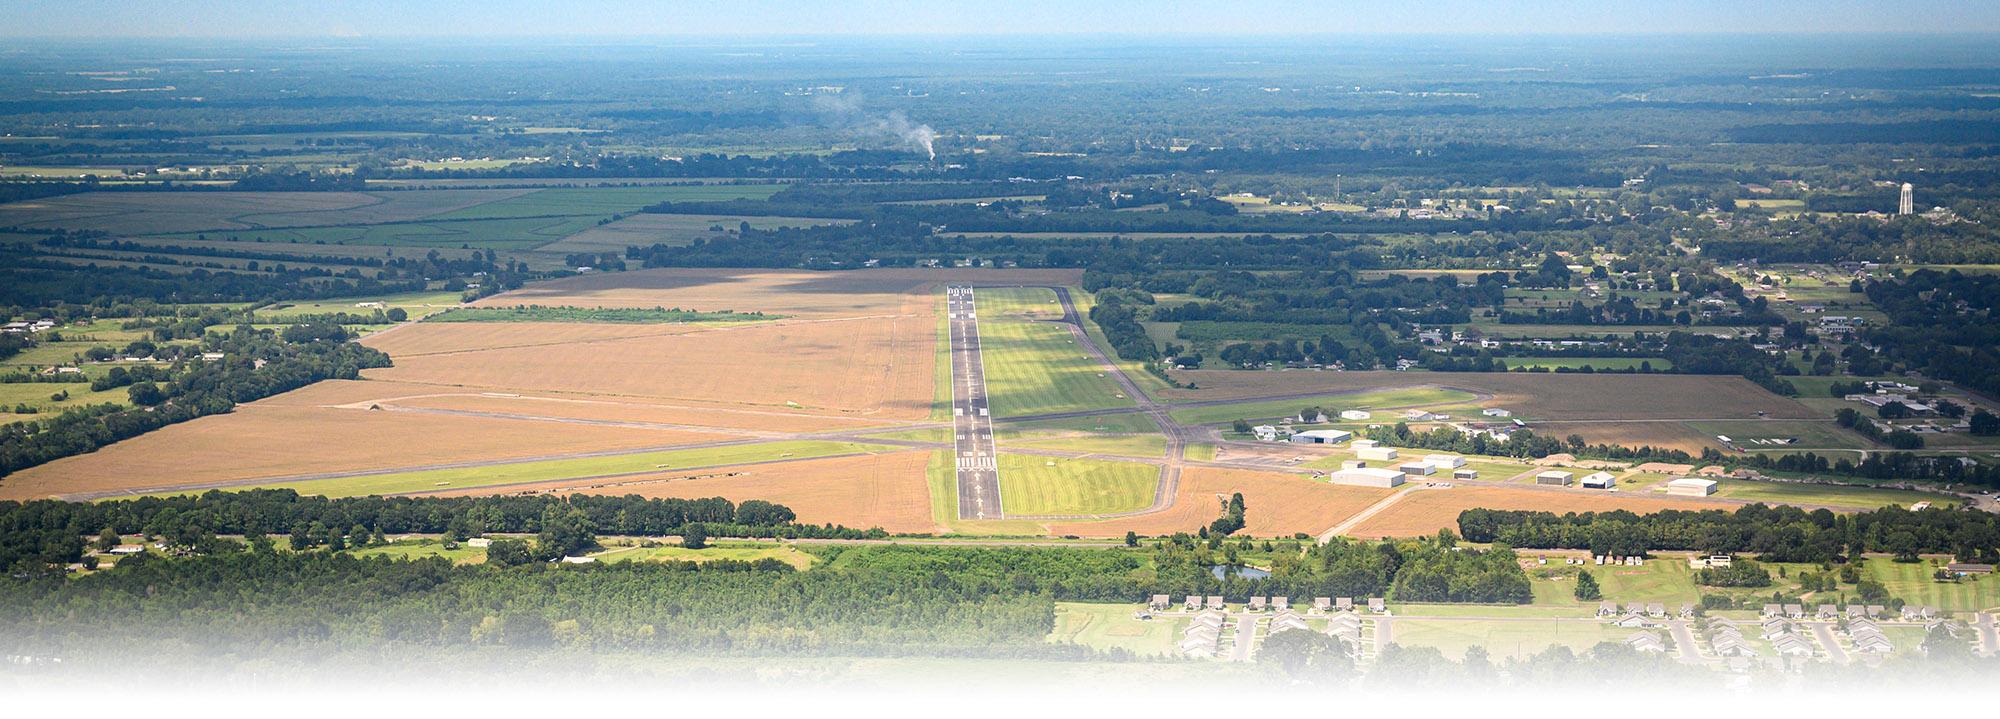 AirportPano